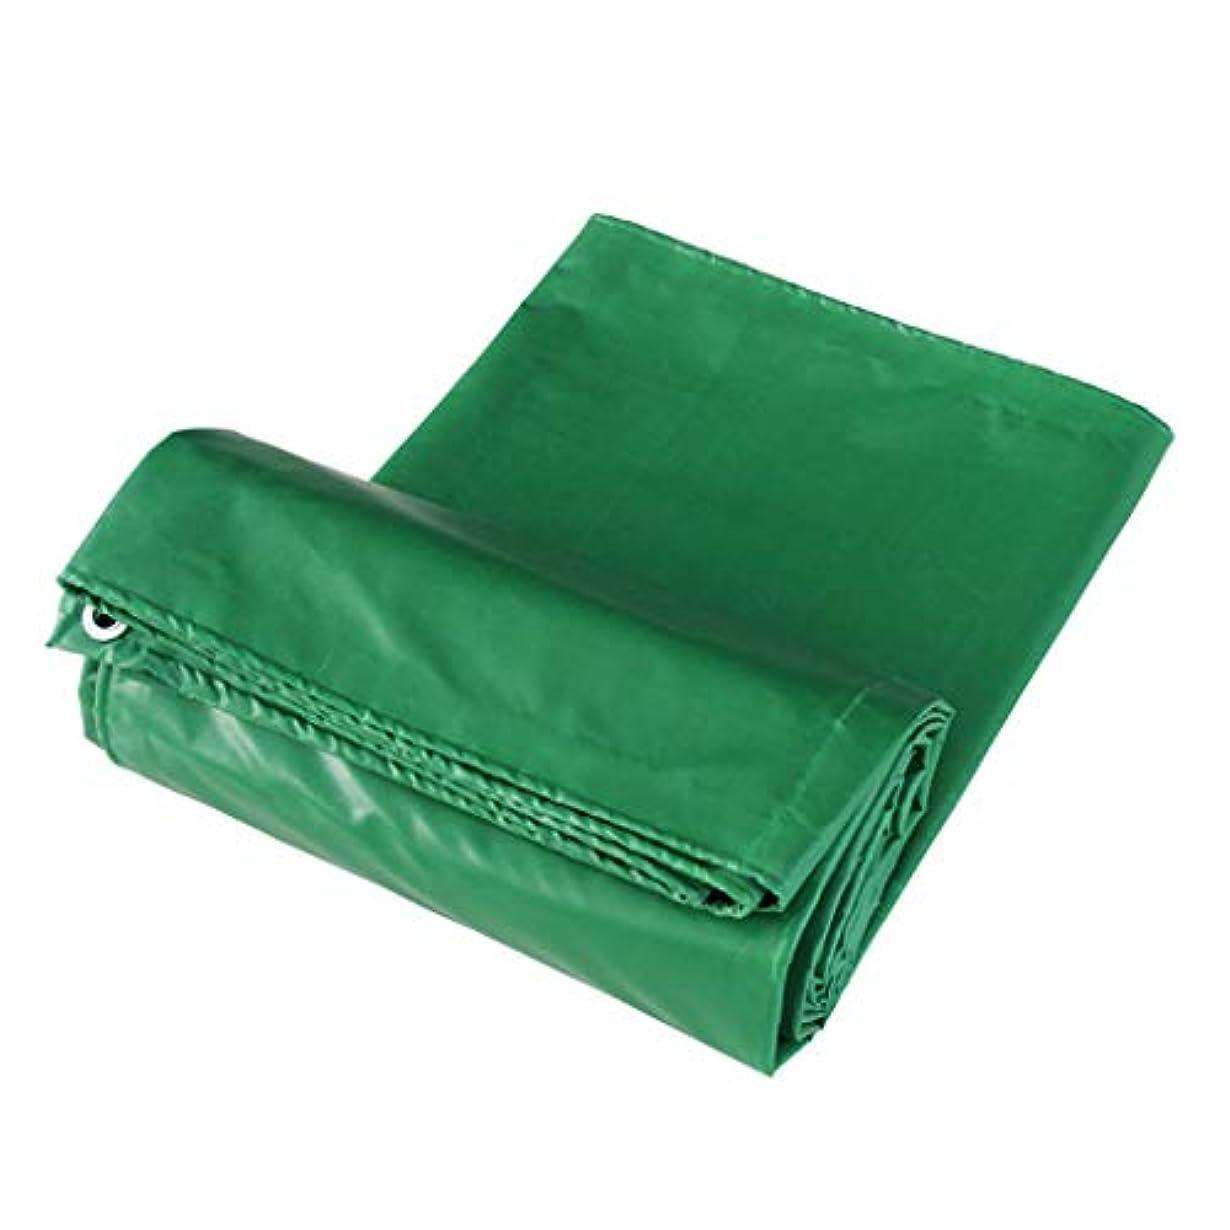 幾分希望に満ちた酔ってアウトドア ターポリン厚手PVCターポリンオーニングレインクロスターポリンサンシェード断熱材3つのアンチクロスプラスチックコーティングクロスカーターポリン テント (Color : Green, Size : 800*800cm)